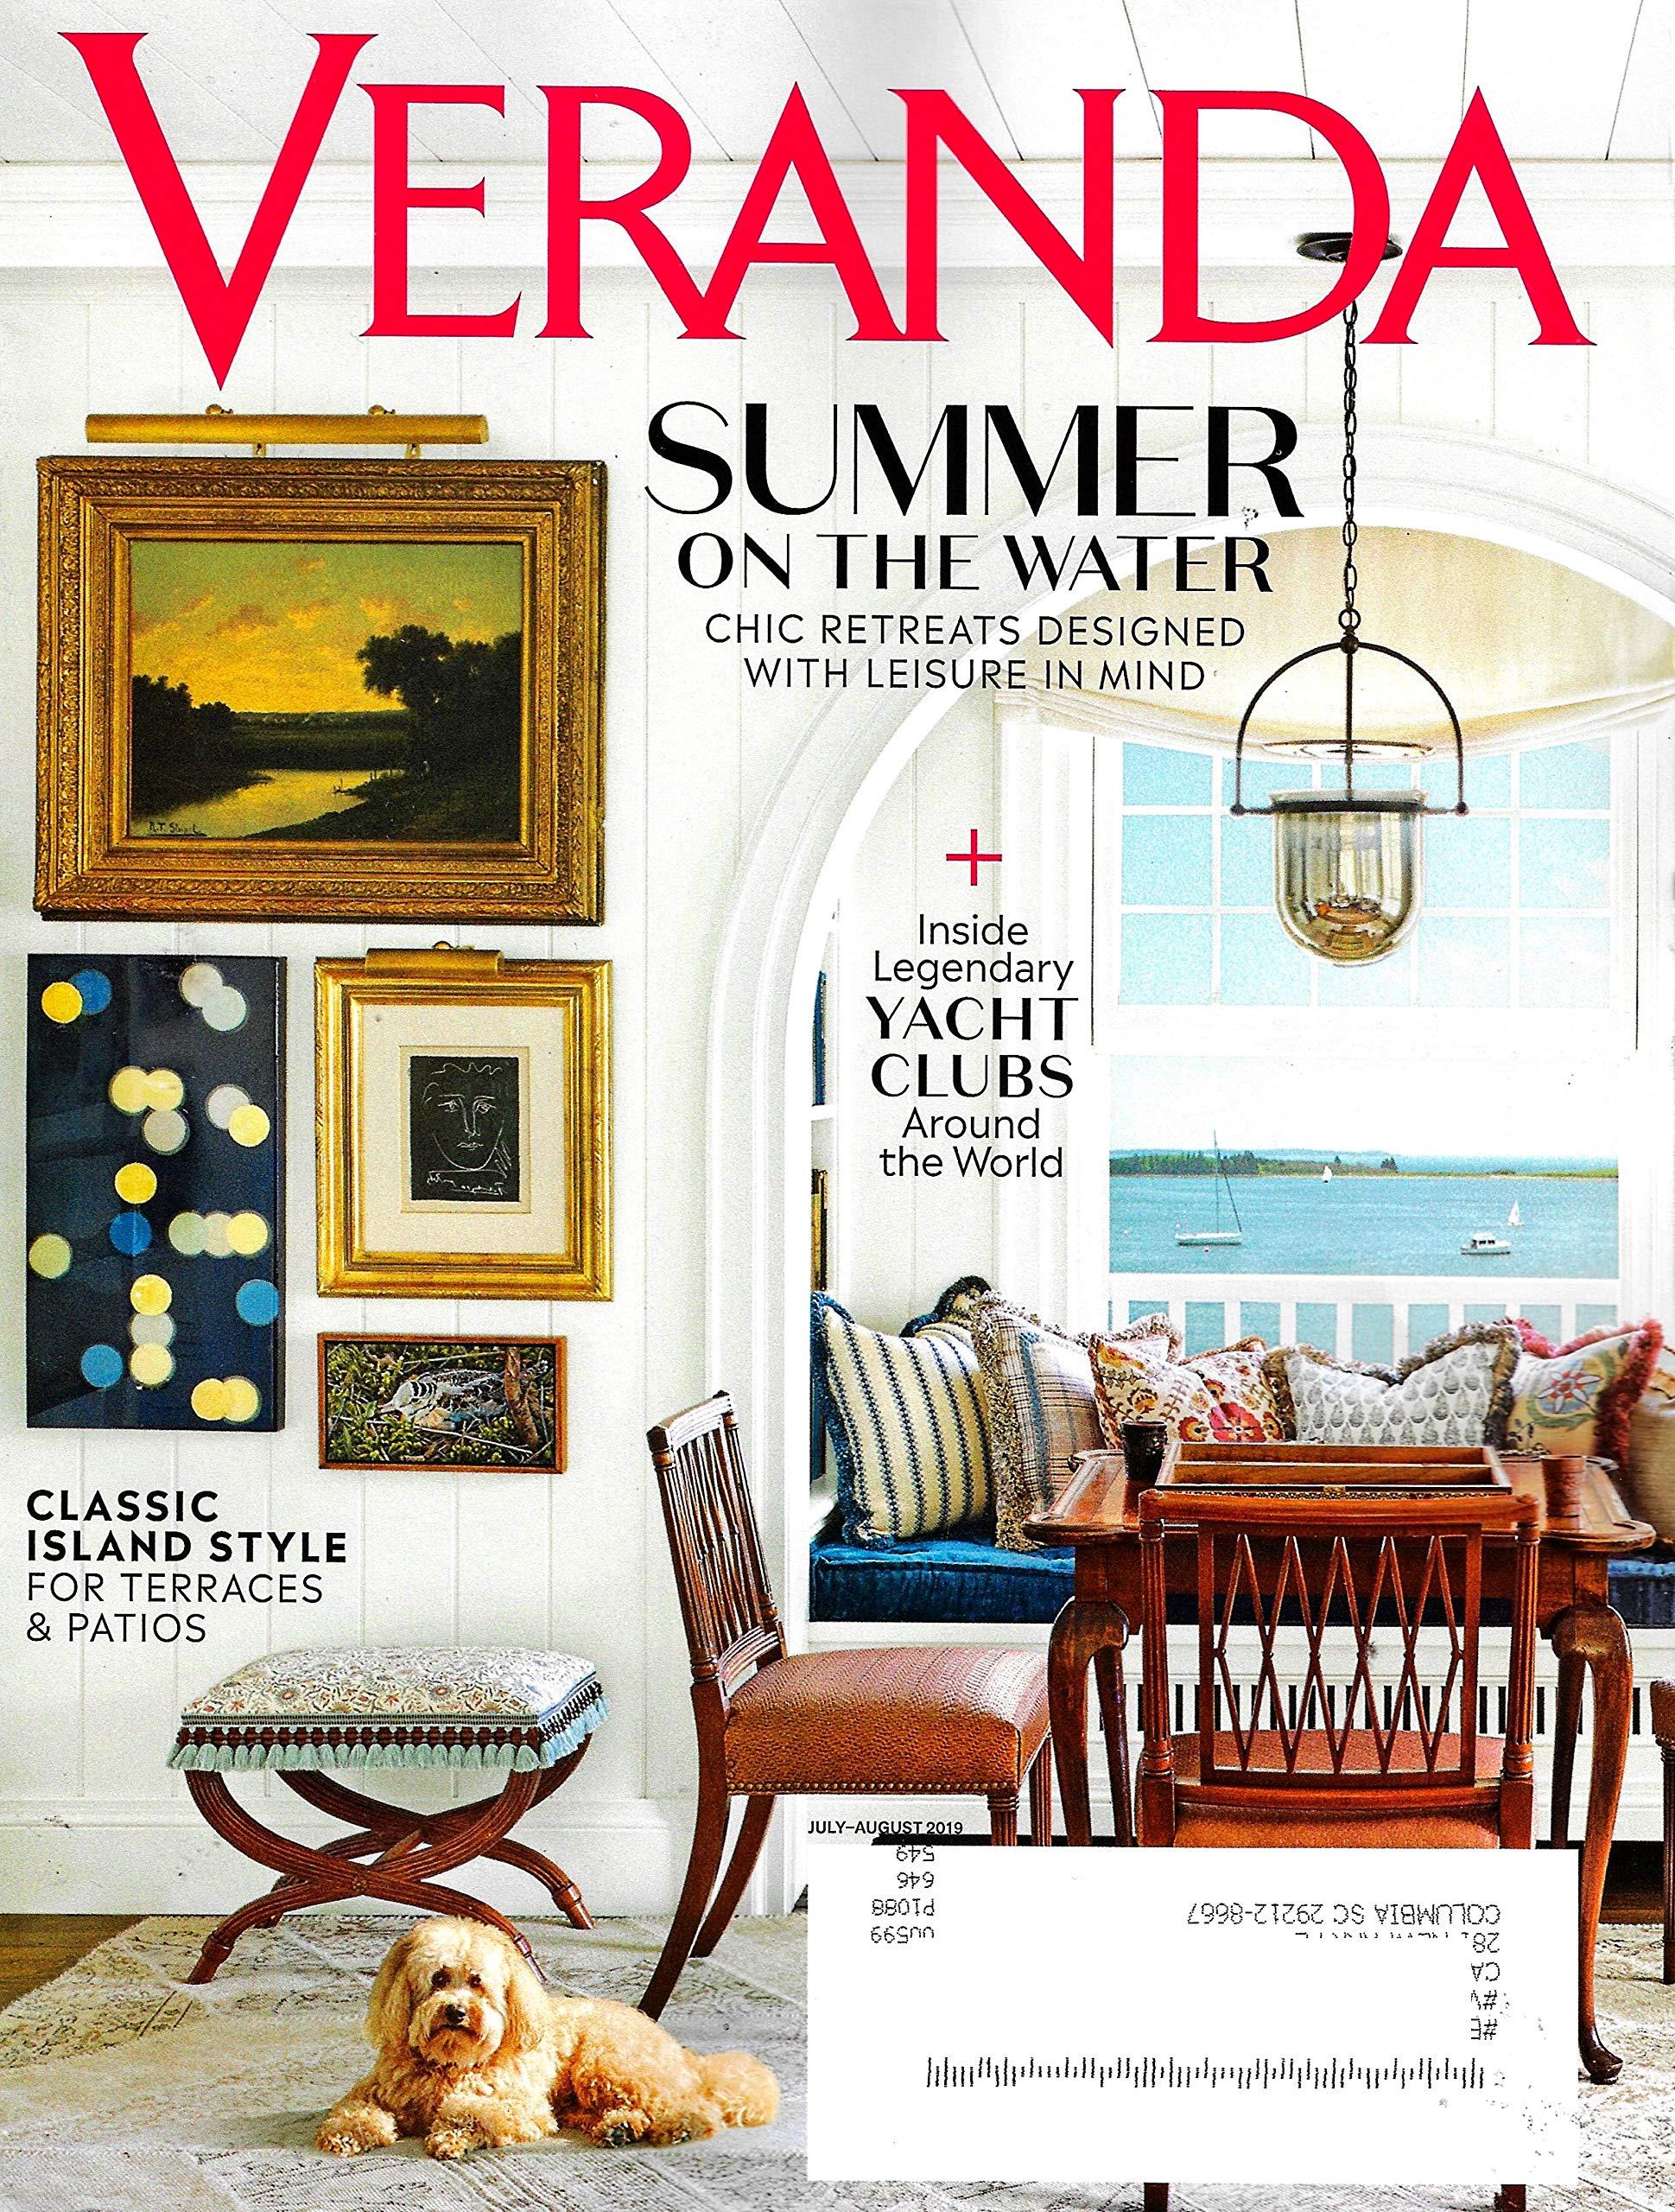 Veranda Magazine July August 2019 Summer On The Water Veranda Magazine Amazon Com Books